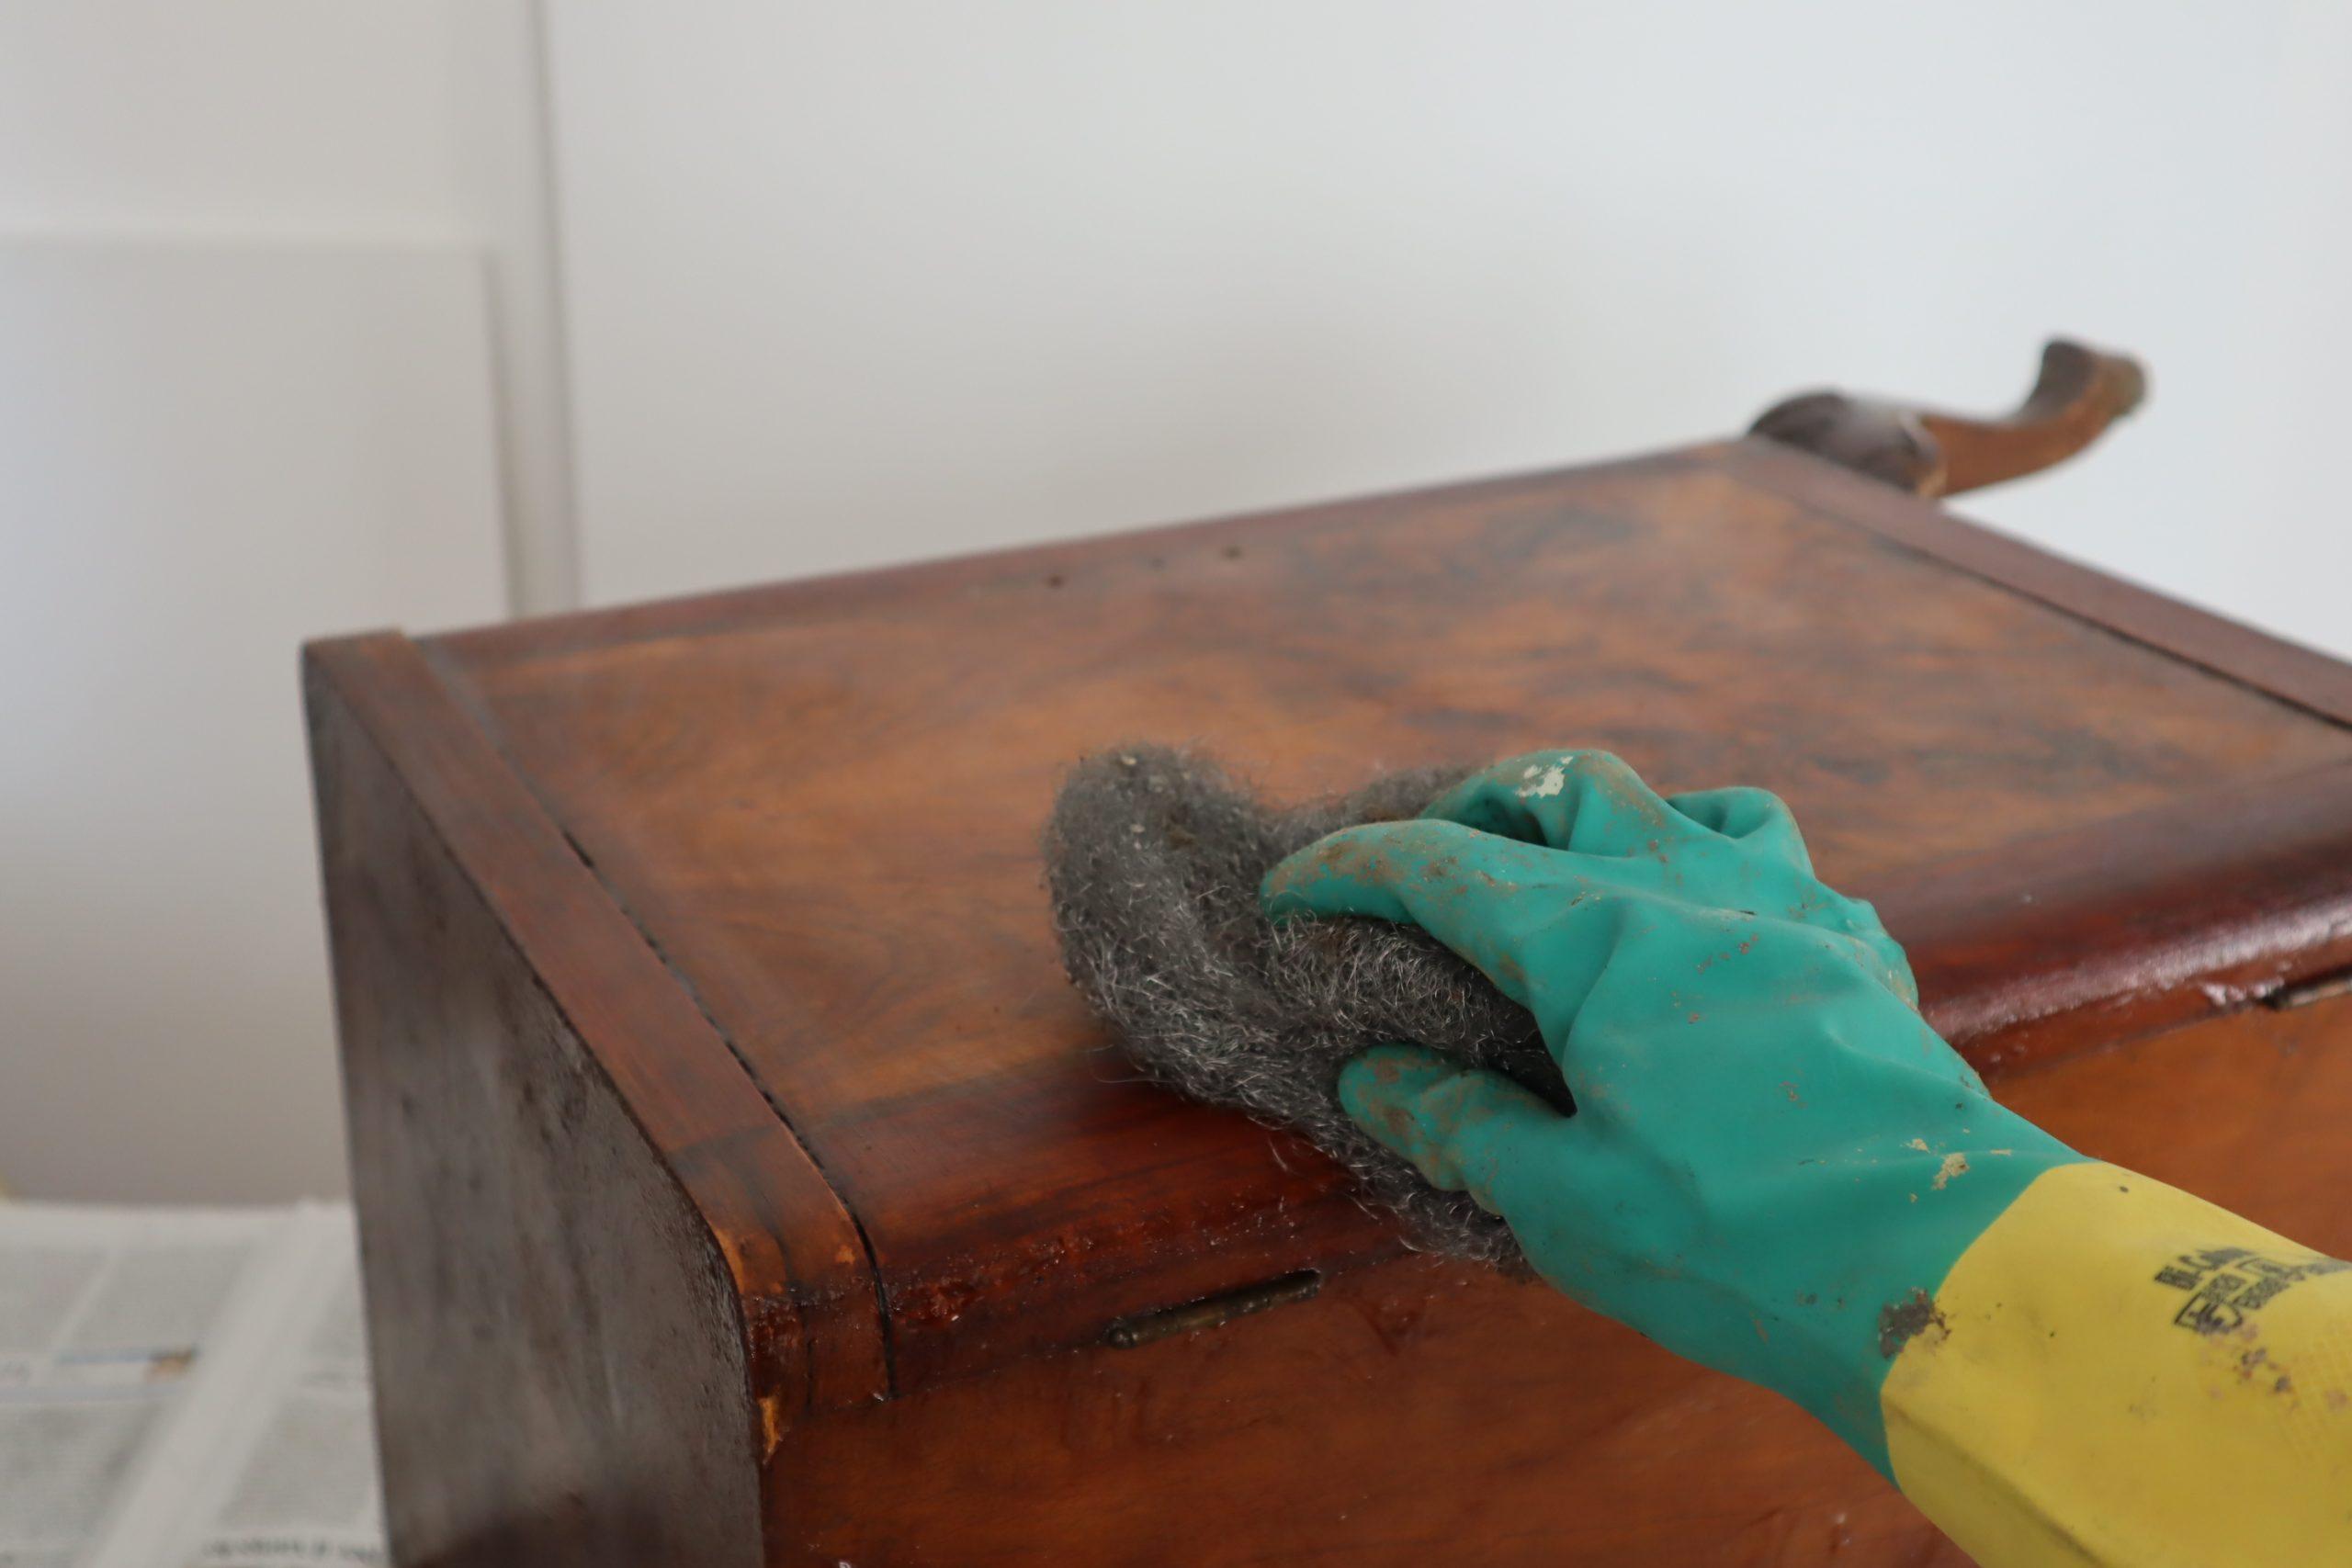 Come fare per pulire un mobile?